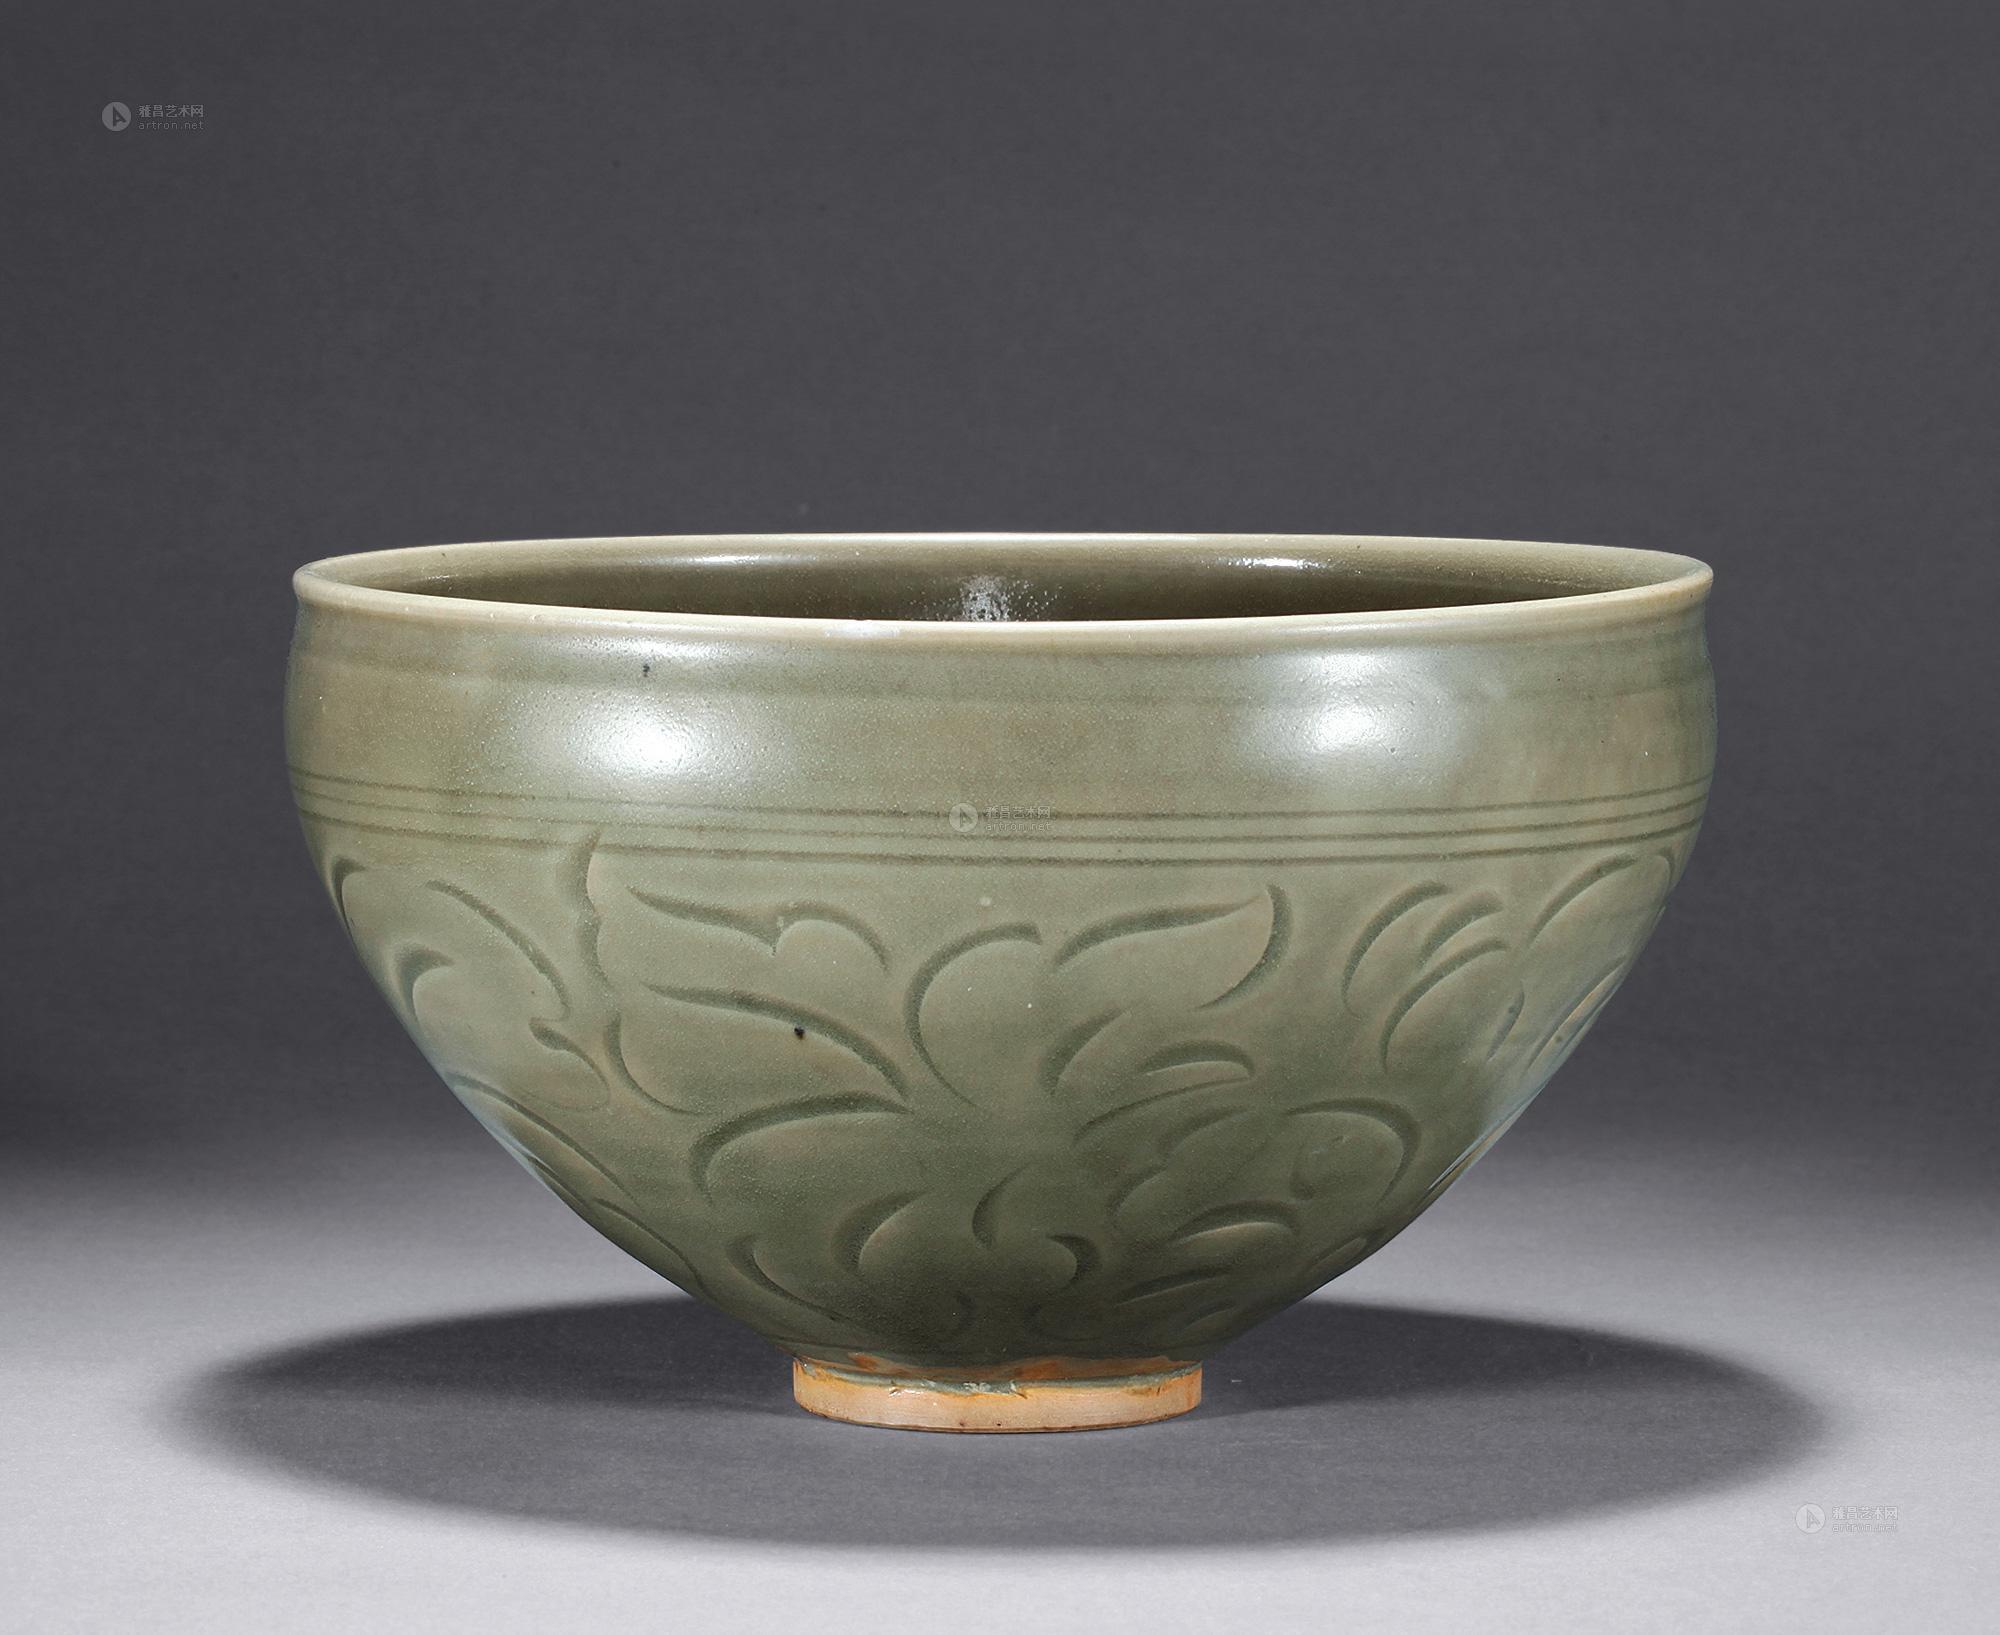 0614 金 耀州窑刻划花纹碗